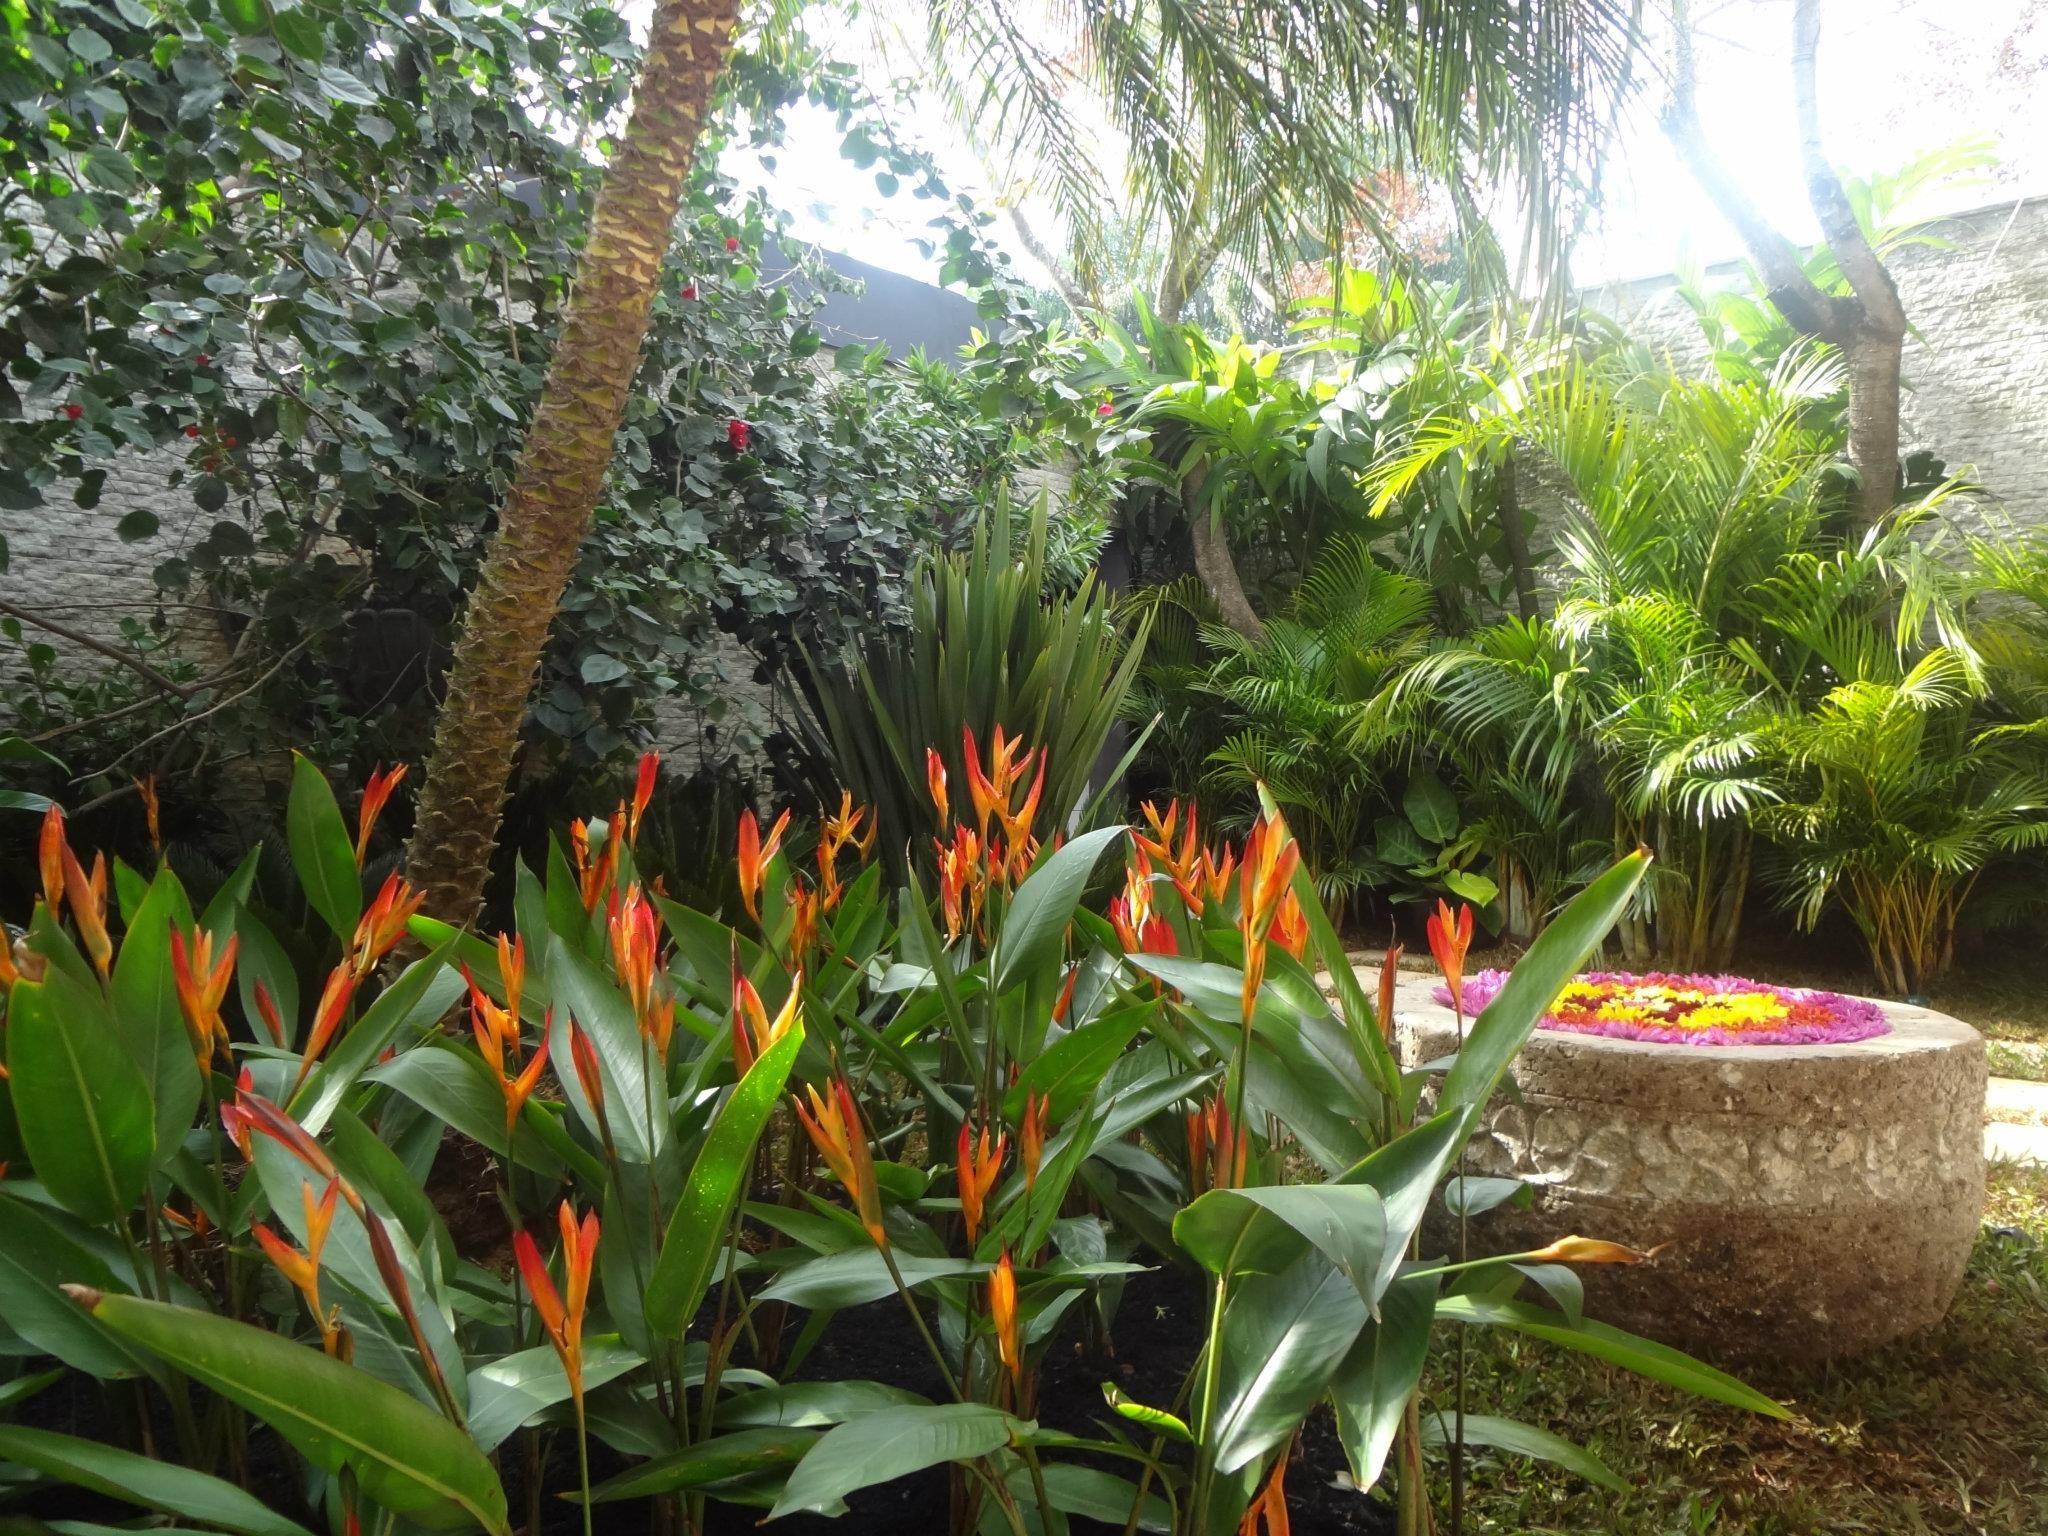 Heliconia La Planta Preferida En Jardines Tropicales Y: GILBERTO ELKIS PAISAGISMO Www.elkispaisagismo.com.br